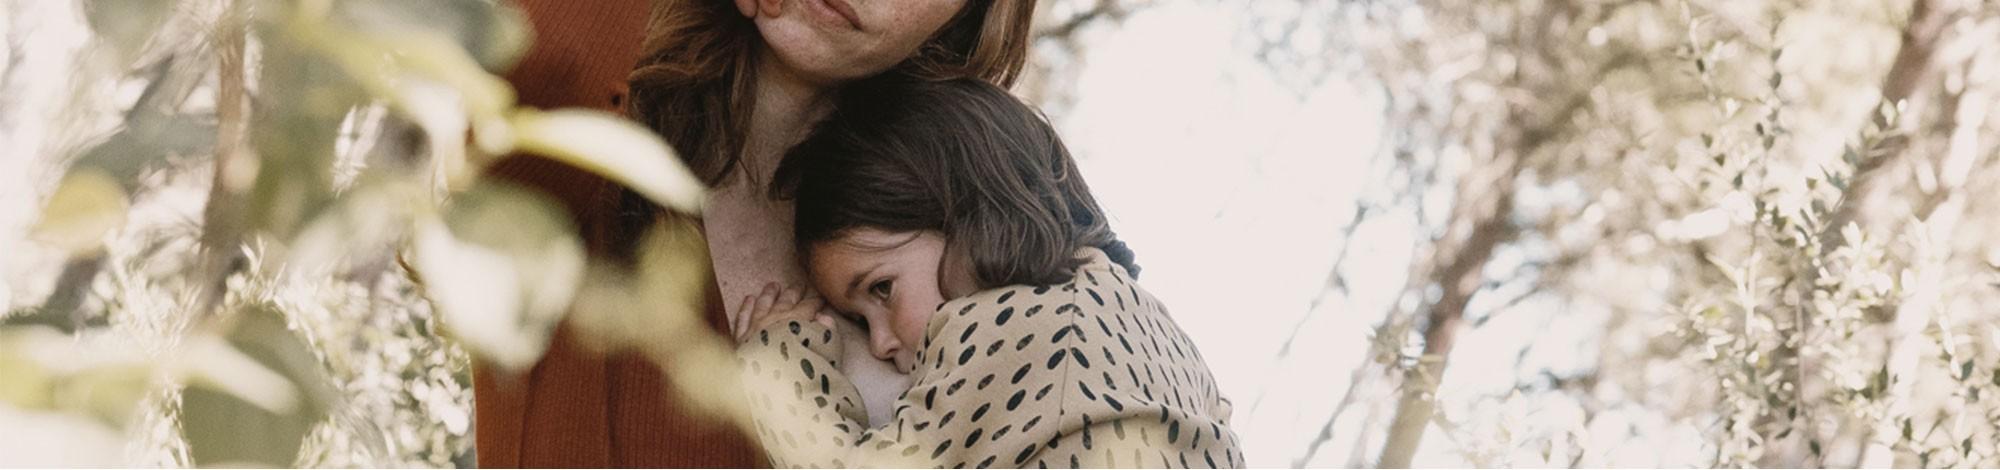 Breastfeeding Friendly